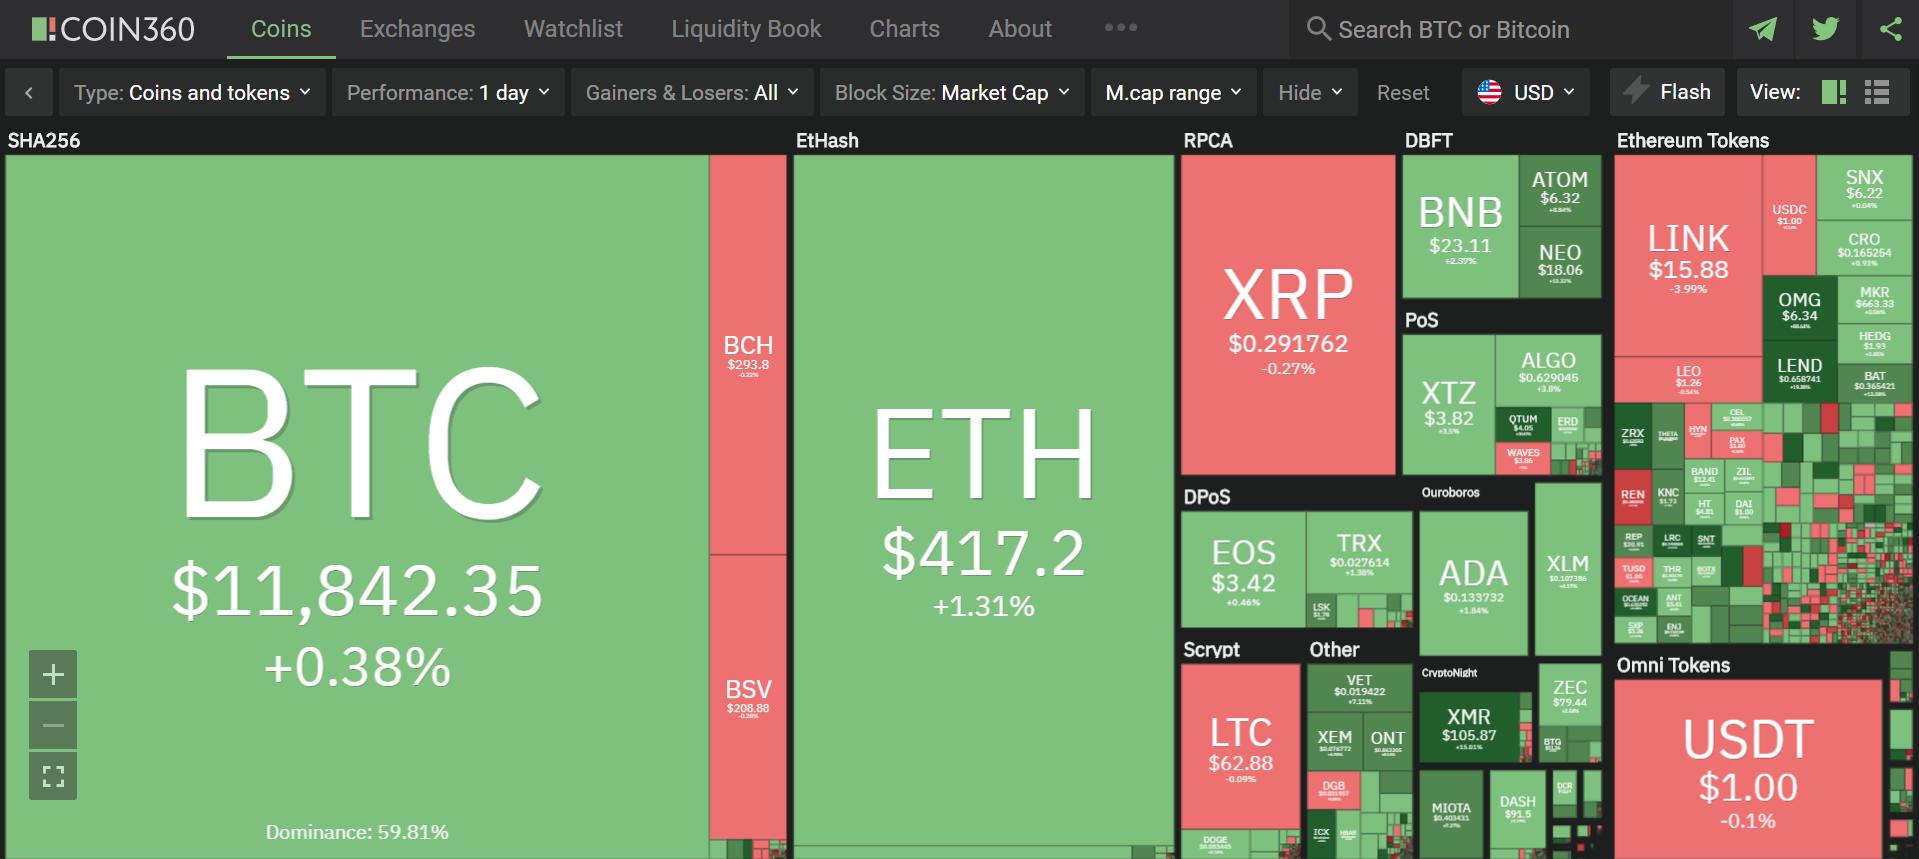 Toàn cảnh thị trường ngày 21/8 (nguồn: Coin360.com)